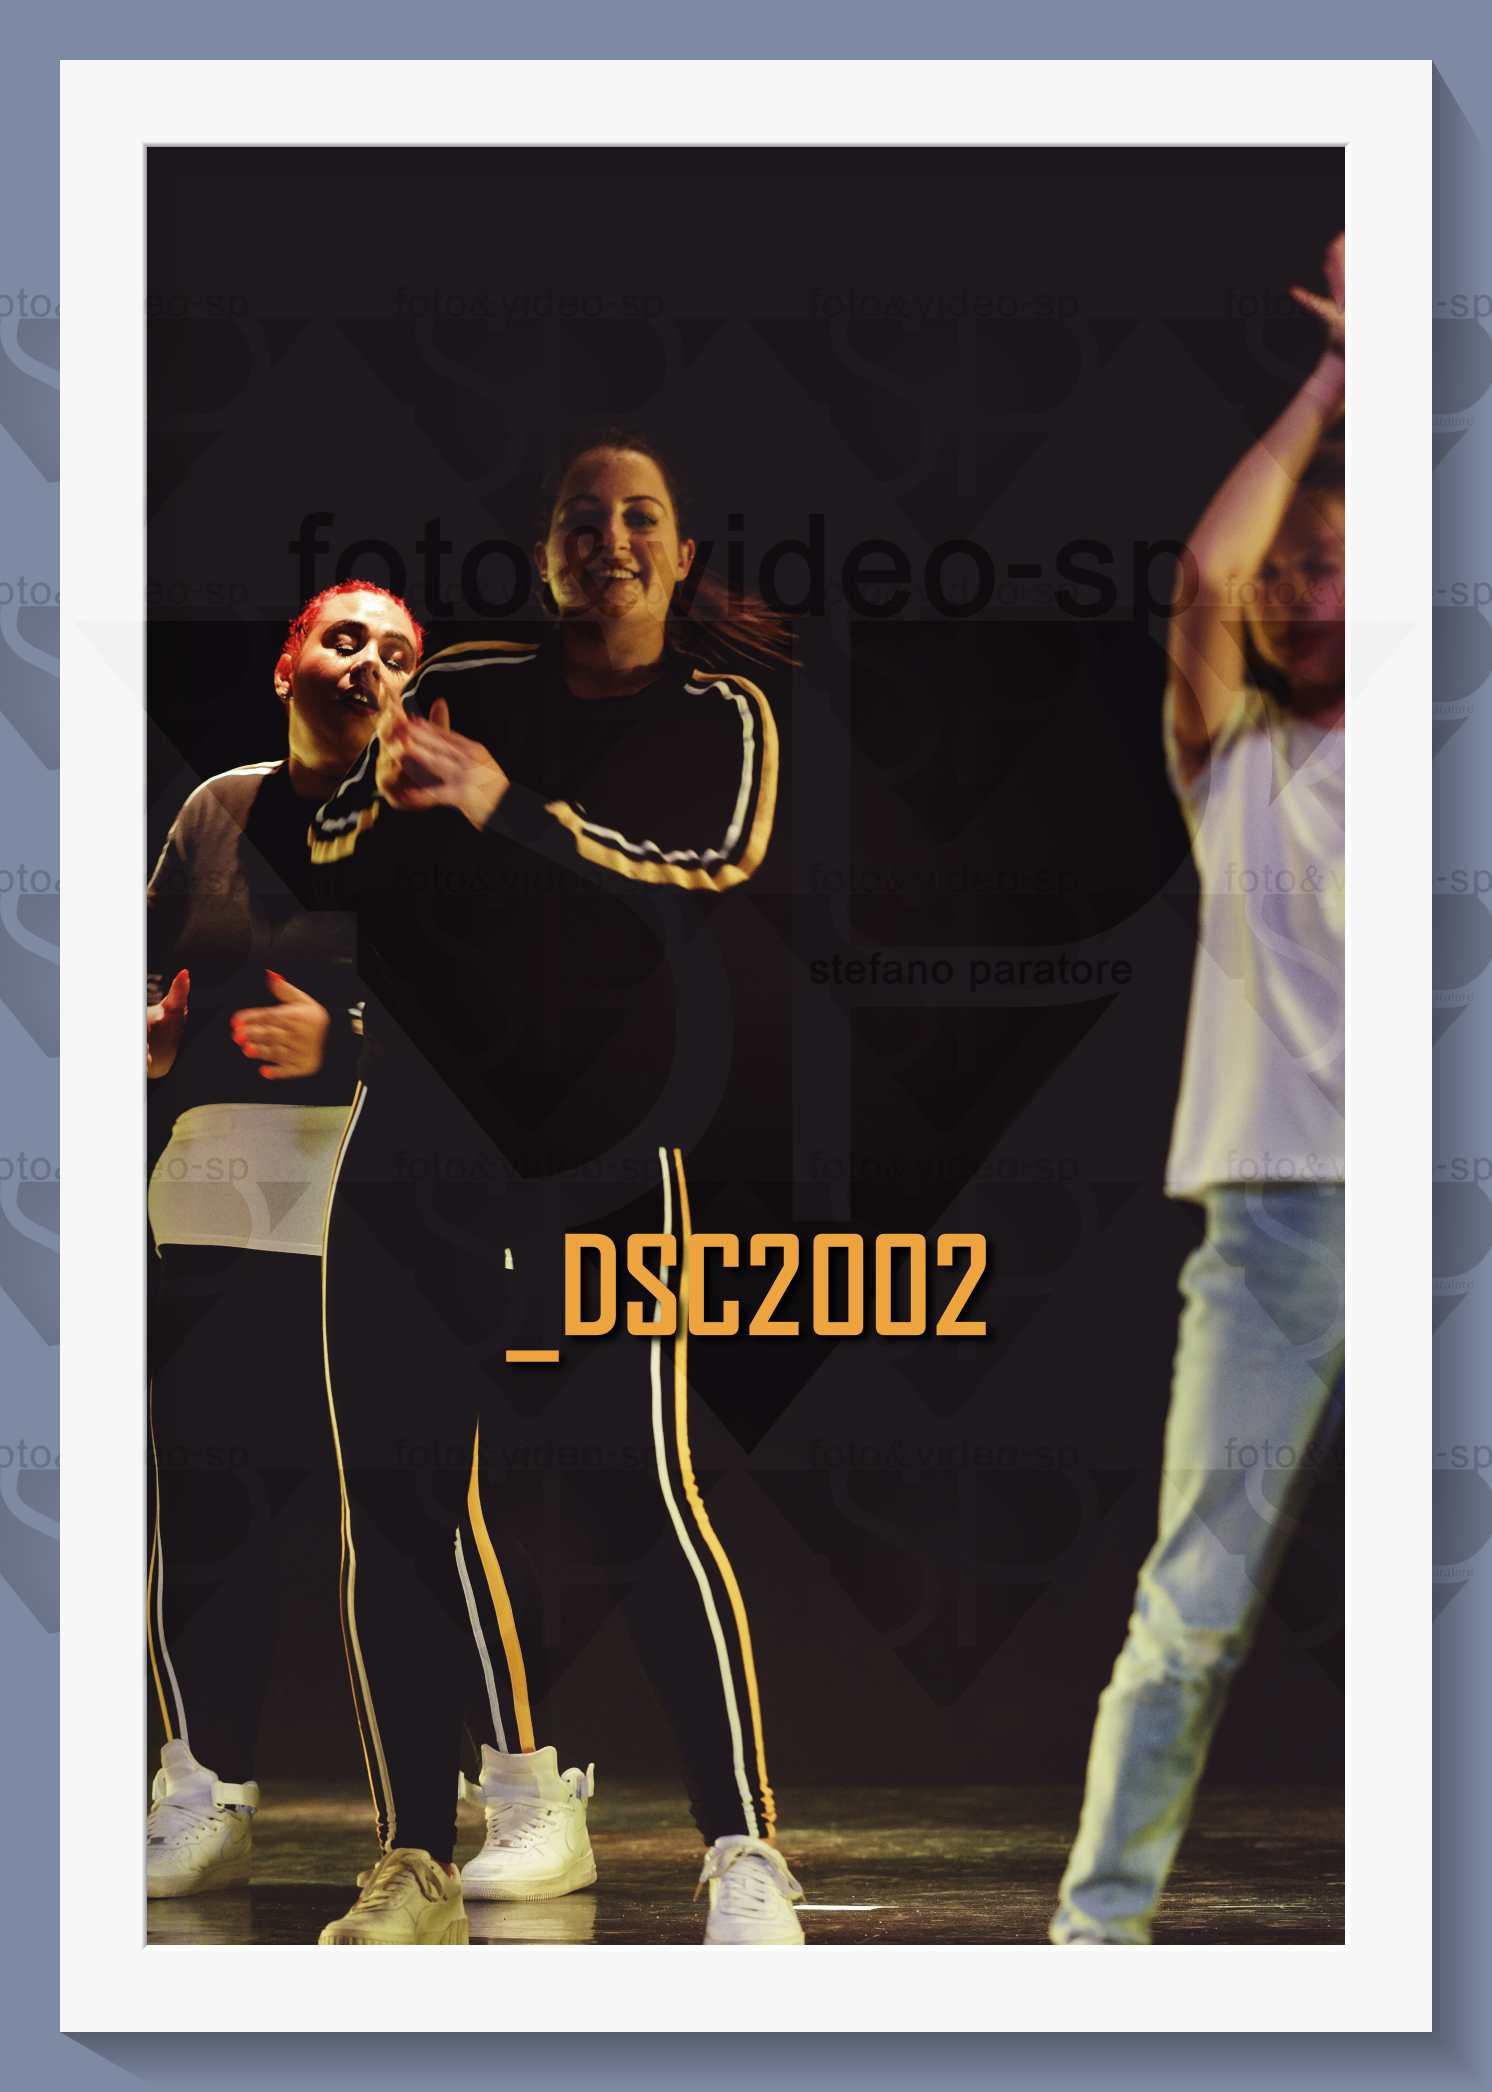 DSC2002